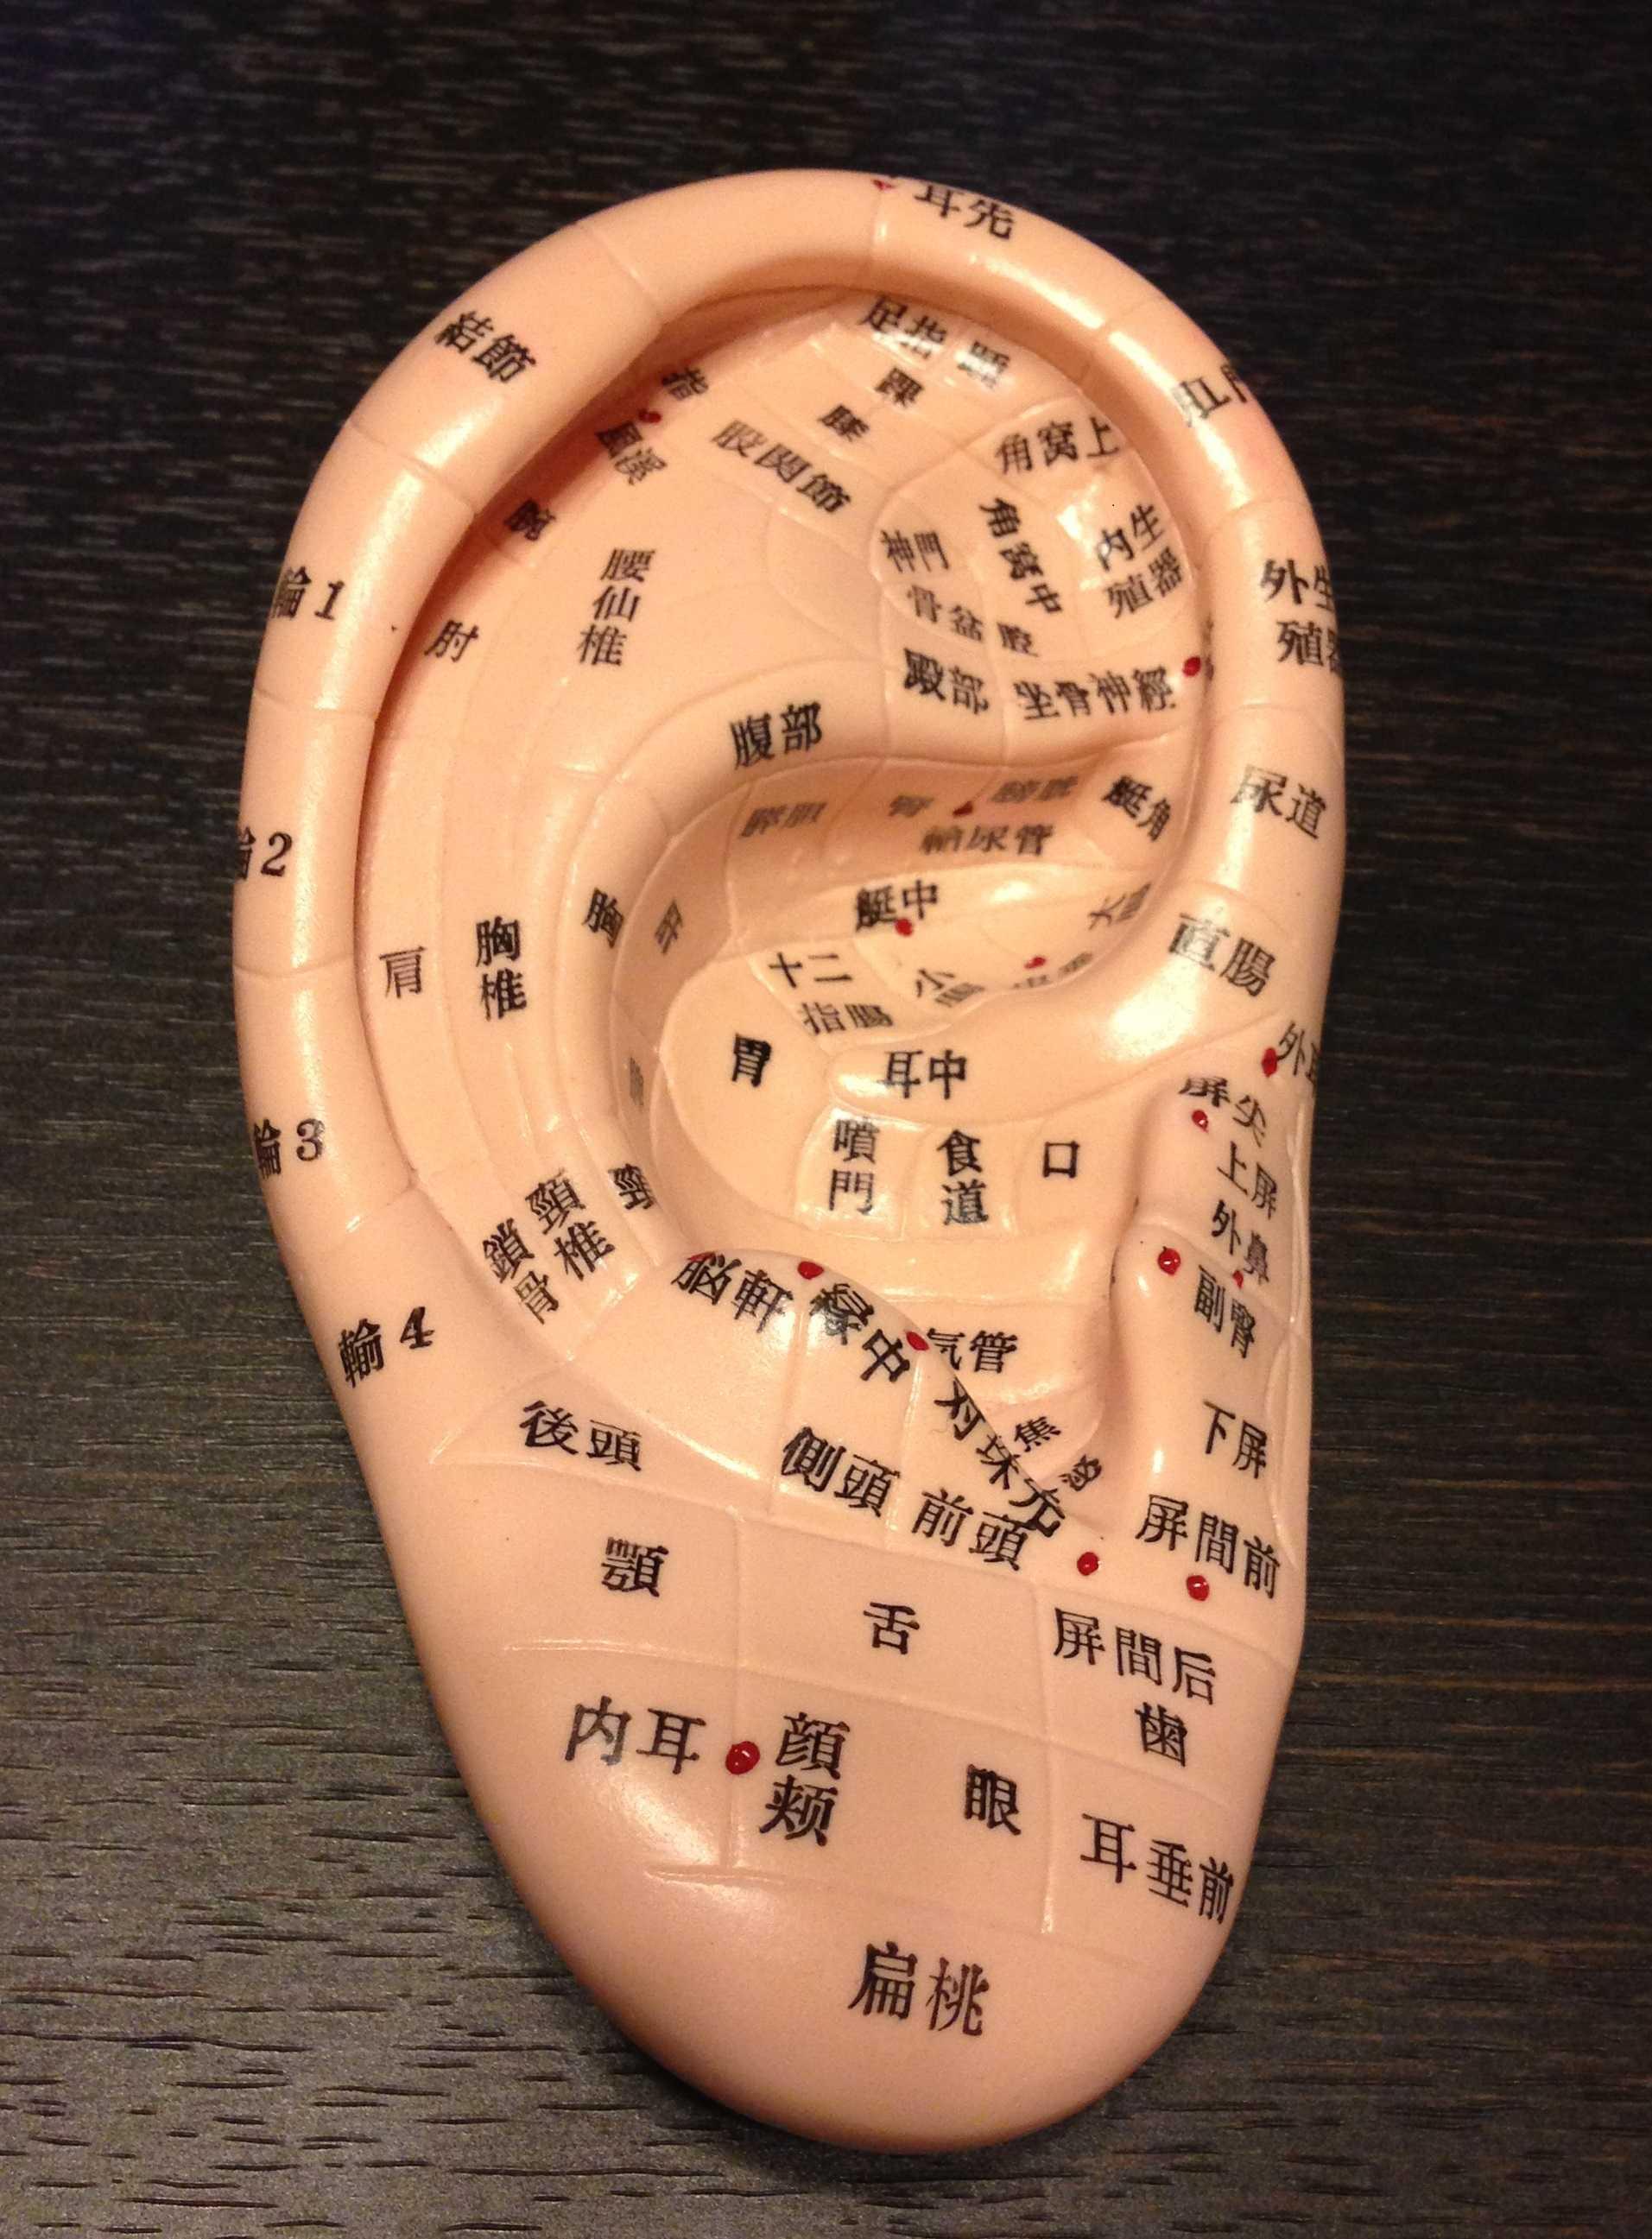 耳ヨガで眼精疲労解消 |                         美骨 美ボディ 美フォルム 日本橋 KIZUNA鍼灸整骨院|東京駅・中央区・日本橋駅・八重洲         耳ヨガで眼精疲労解消